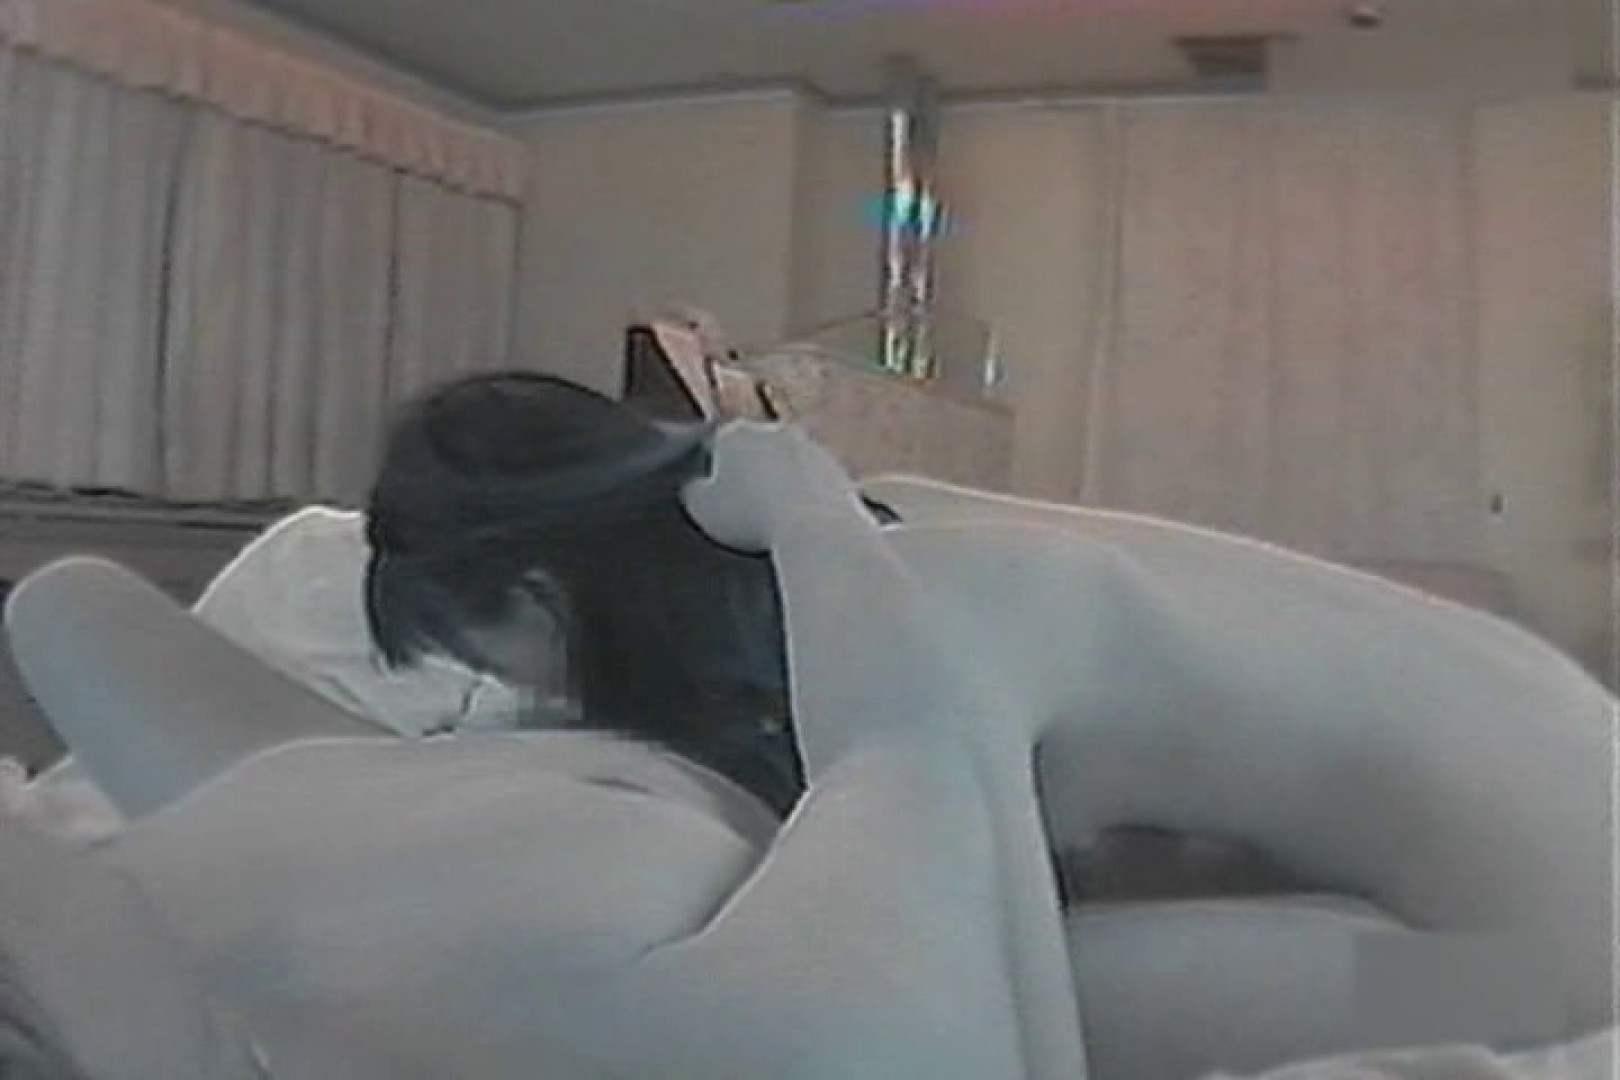 素人嬢をホテルに連れ込みアンナ事・コンナ事!?Vol.10 フェラ  104枚 9